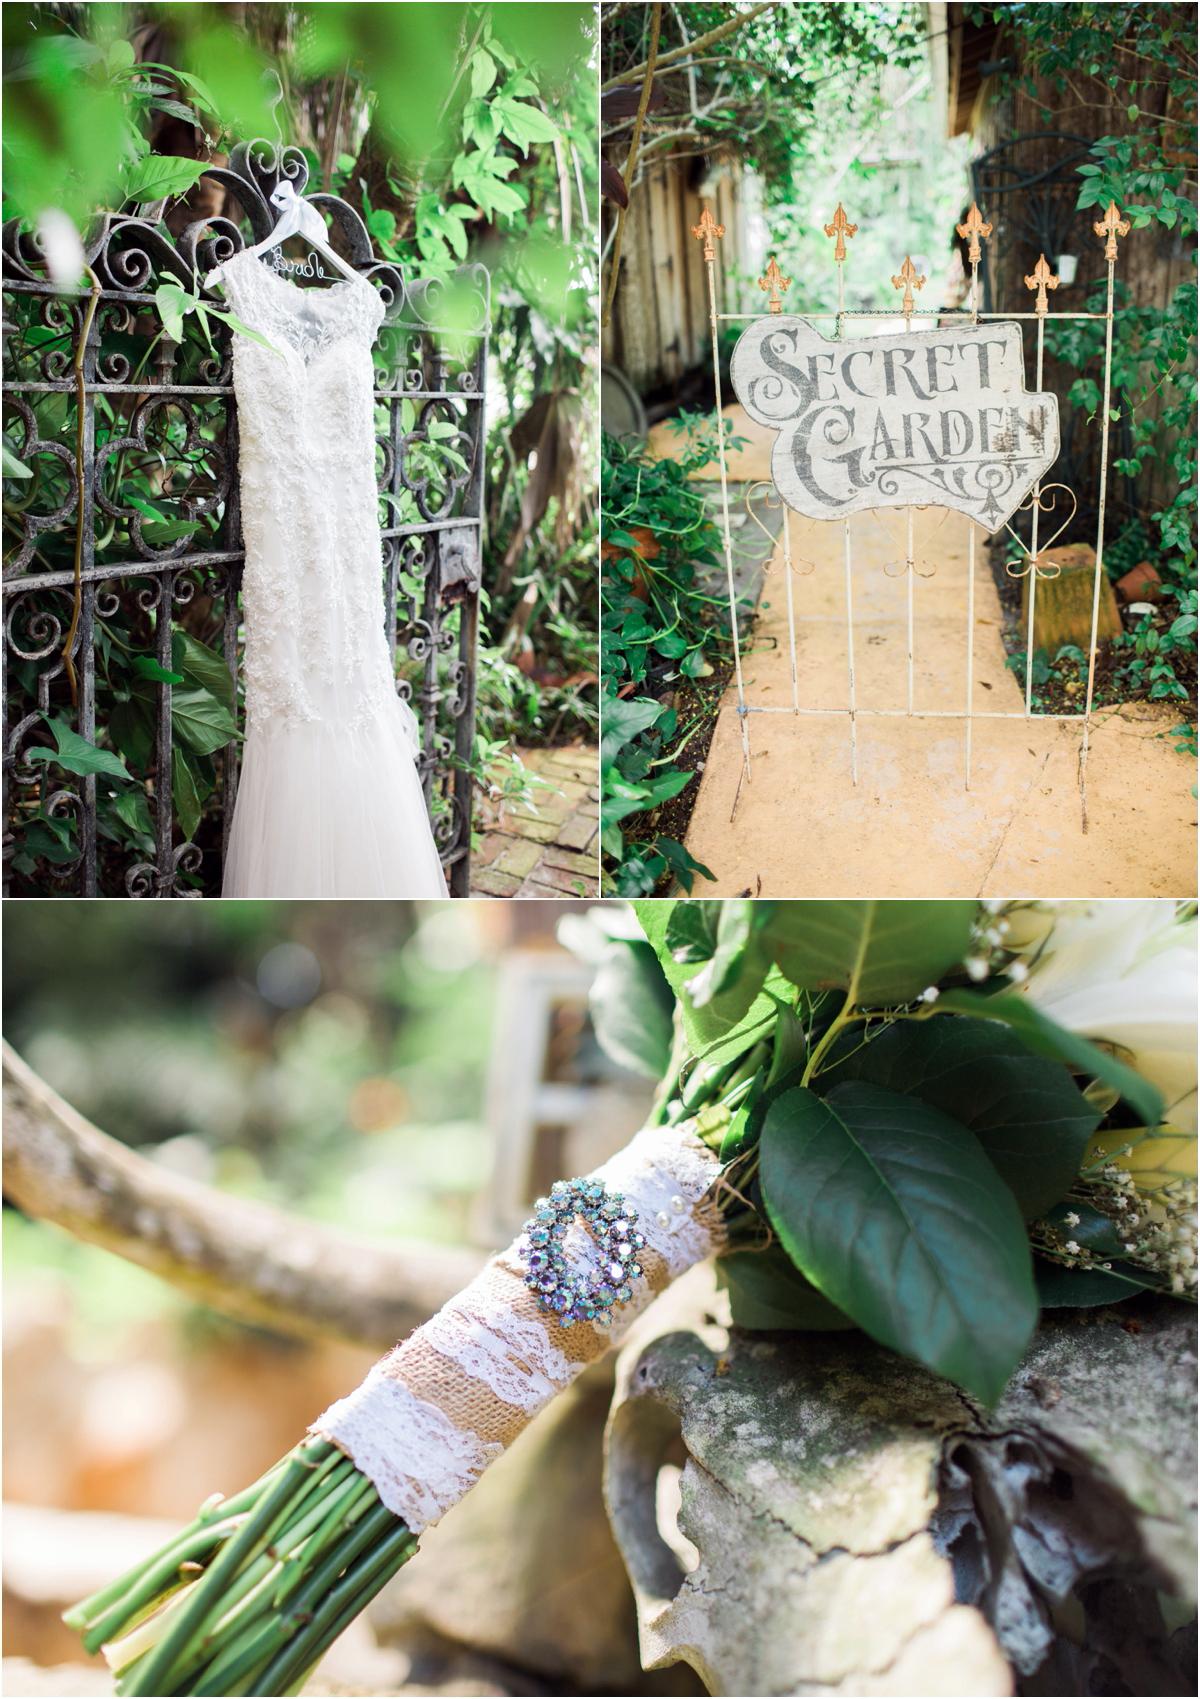 Waldos-Secret-Garden-Wedding-Photos-Vero_0001